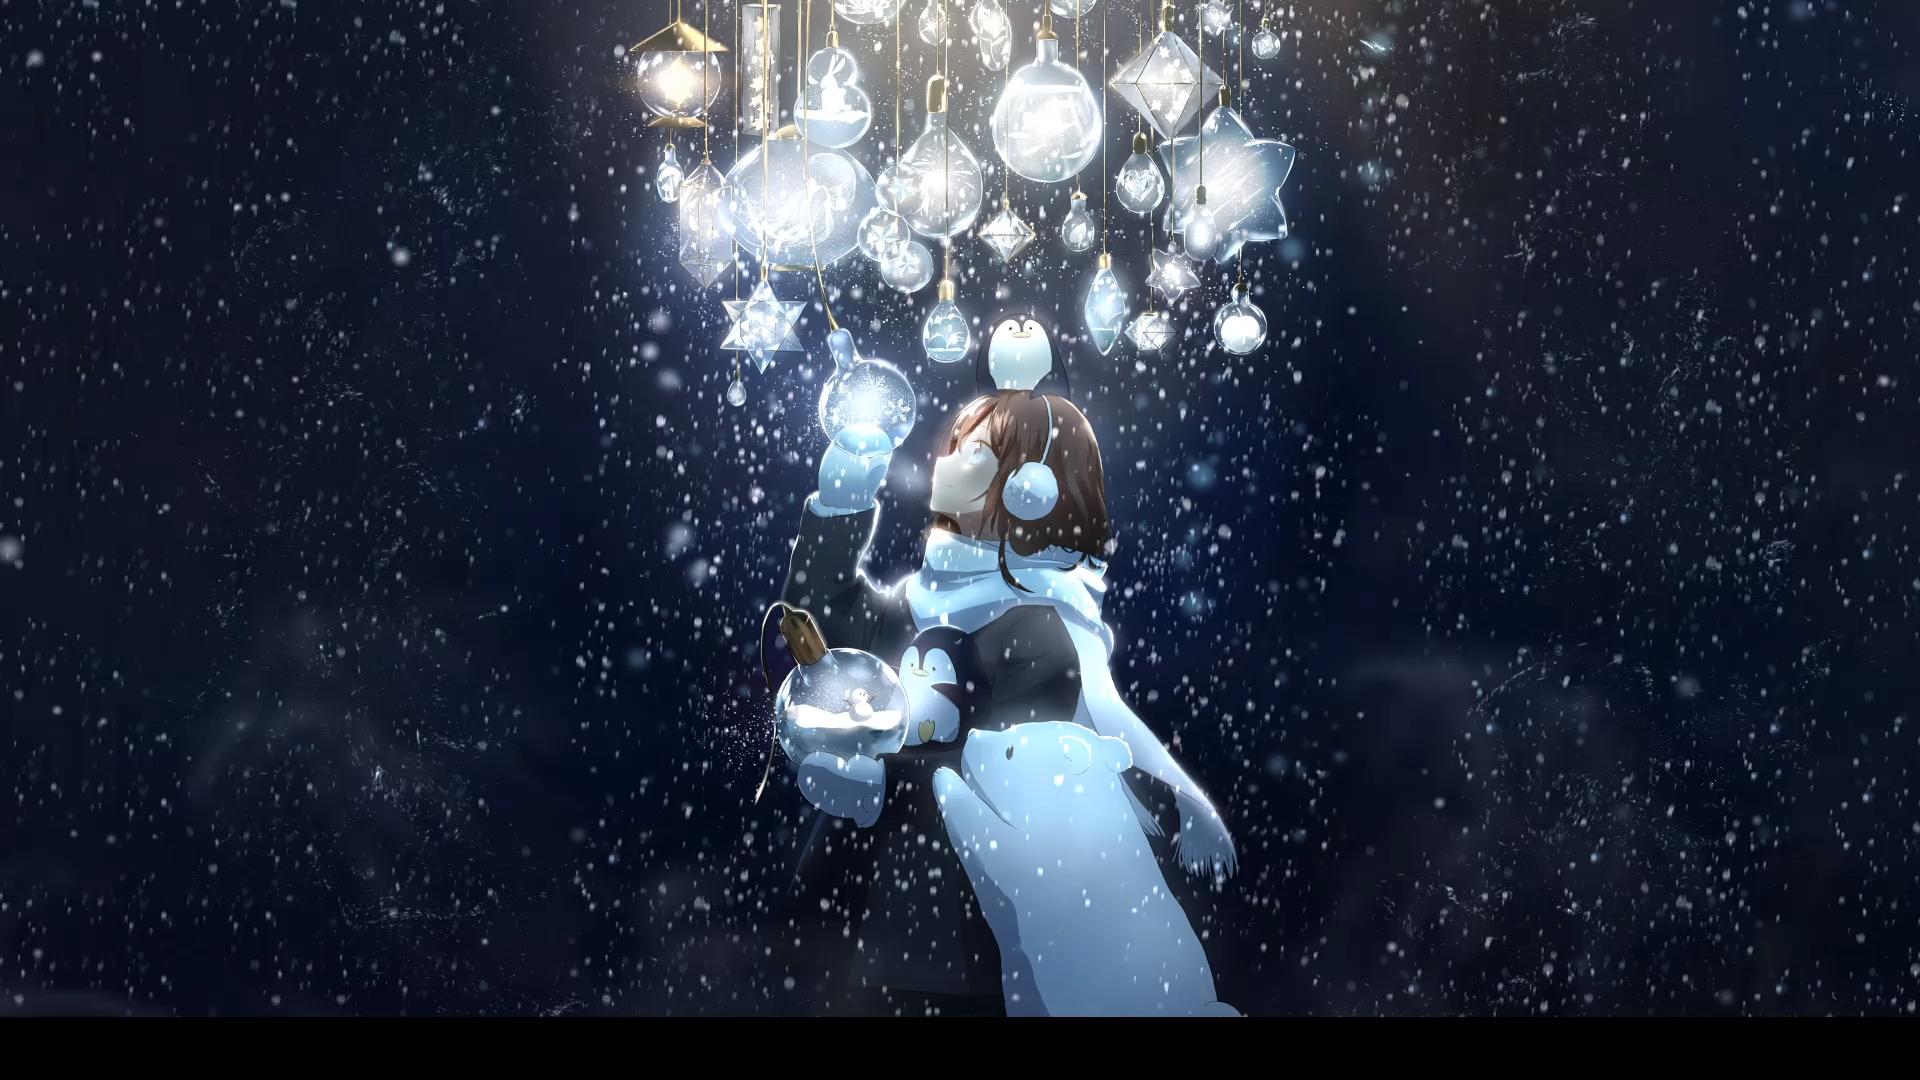 Snow Girl anime background Snow Girl Anime Wallpaper